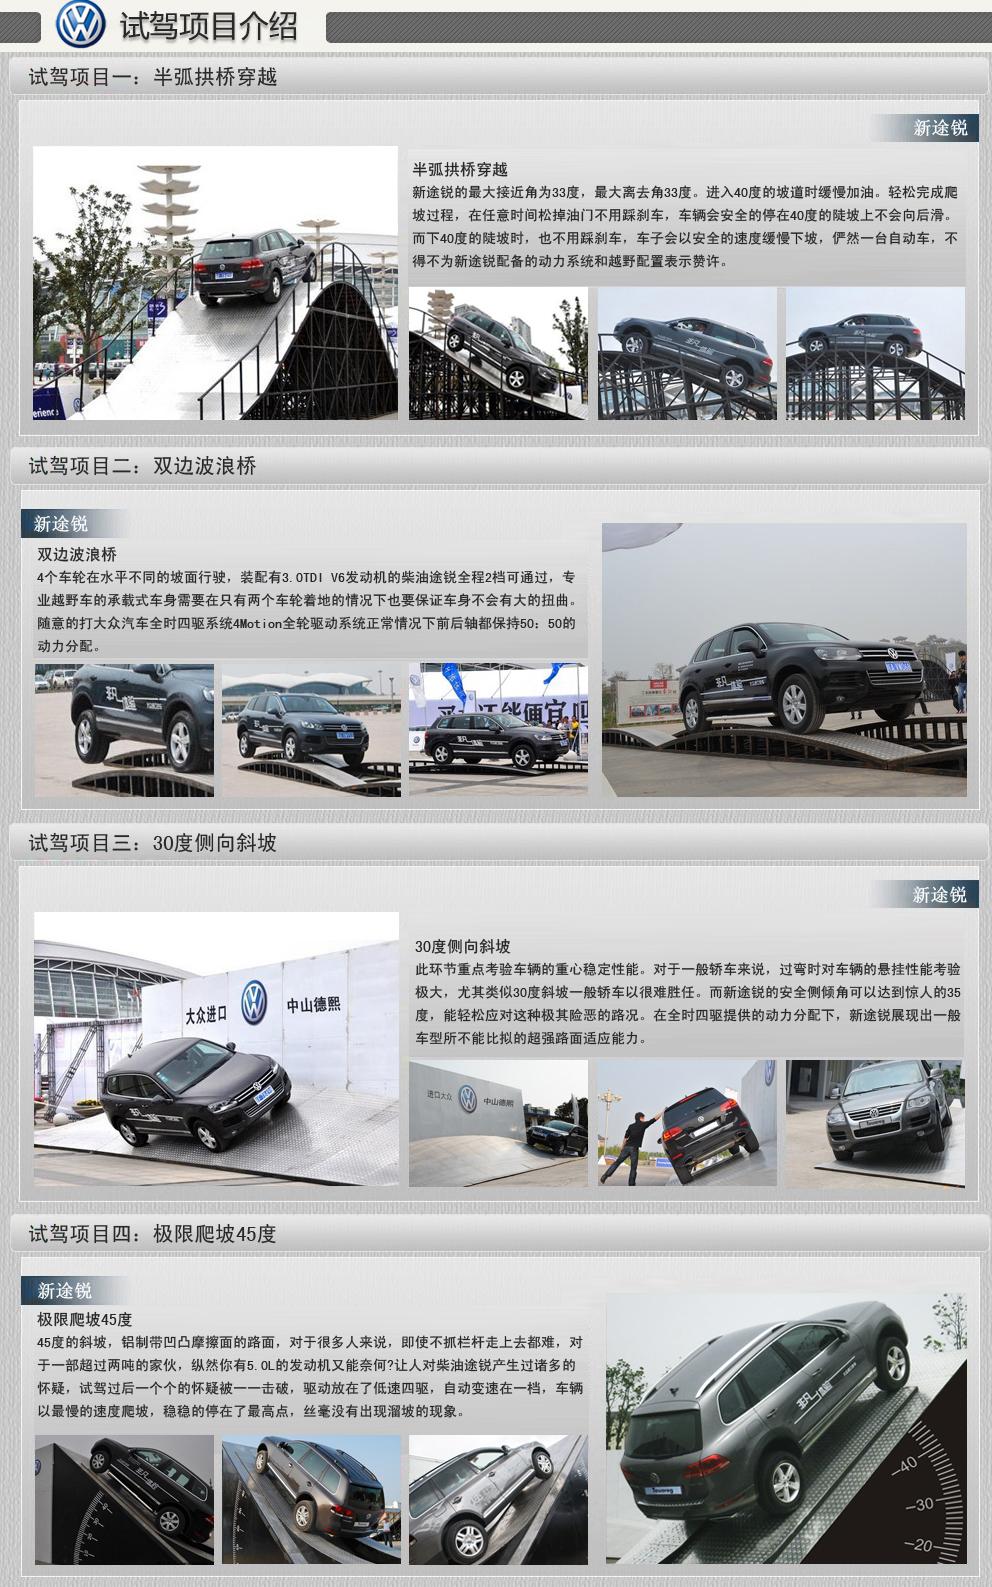 节能与环保,体现了大众汽车以领先技术引领豪华   发展的卓越高清图片